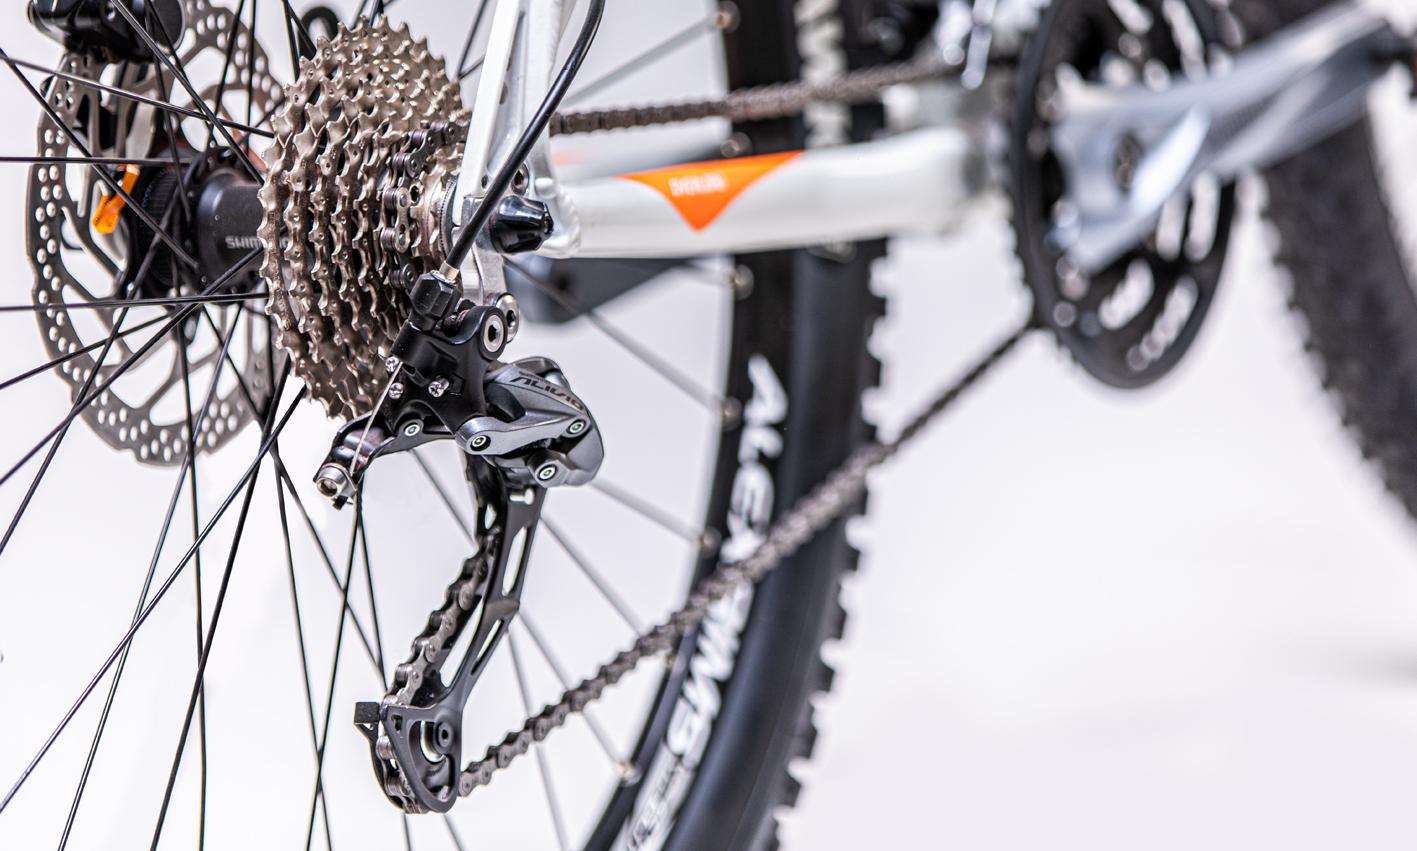 ست دنده دوچرخه اورلرد